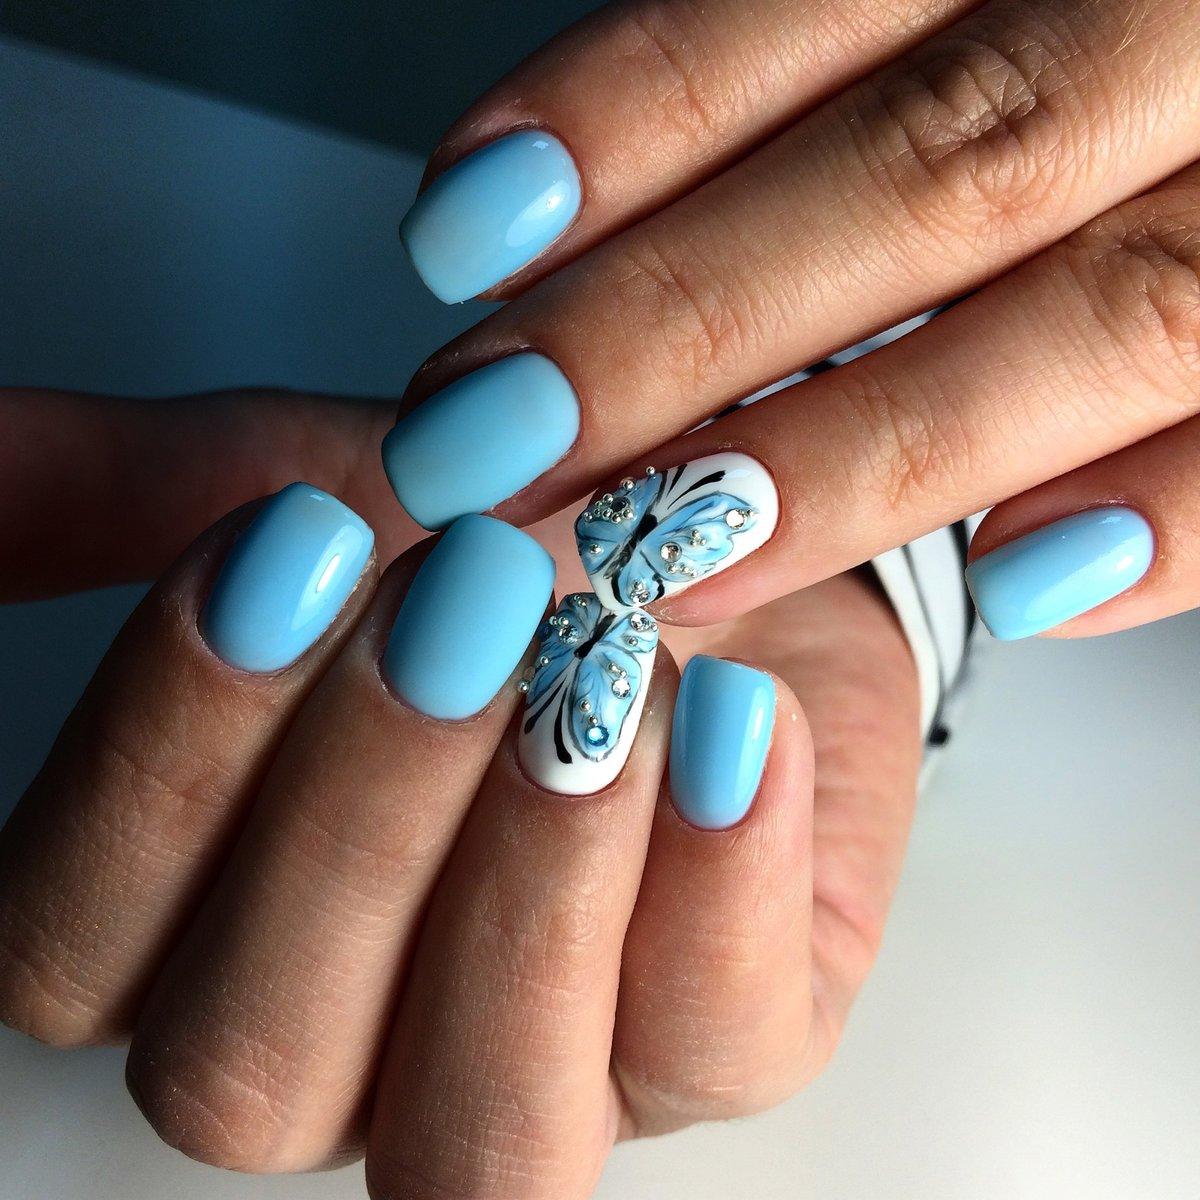 Наращивание ногтей 2018 модные тенденции фото